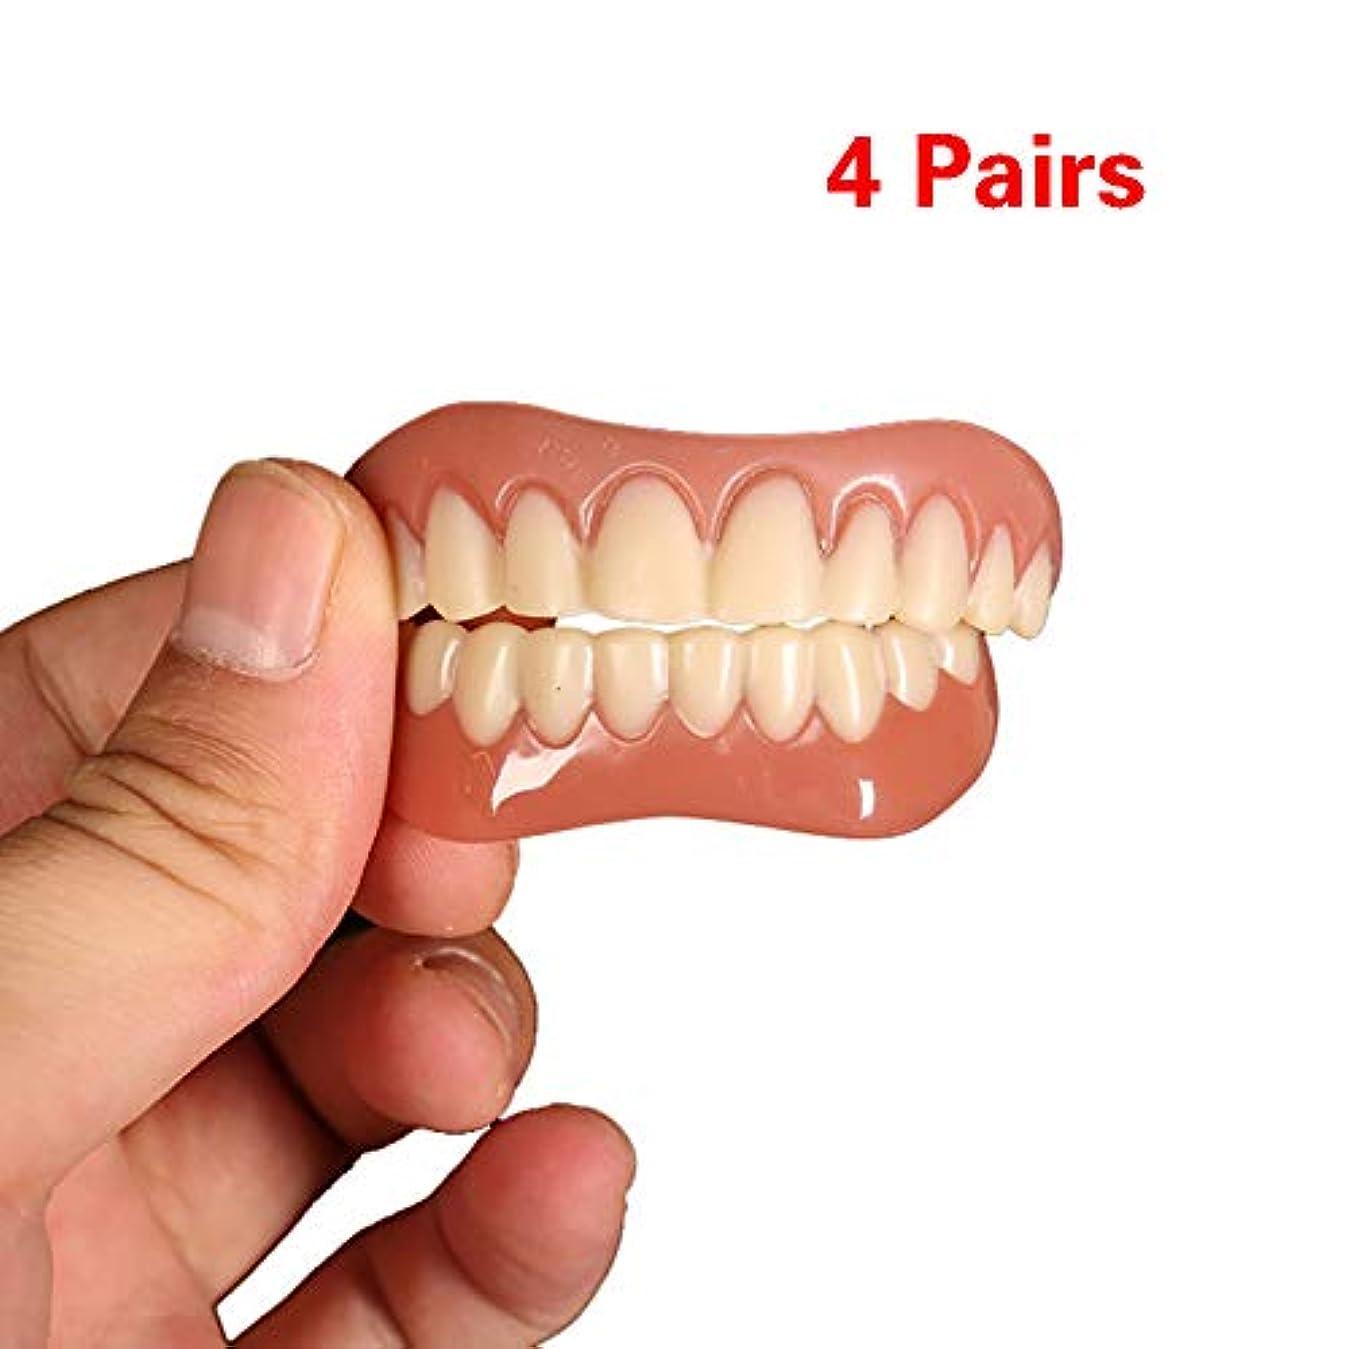 基礎理論羊の現実的歯の快適さフィットフレックス化粧品の歯義歯歯の上+下化粧品のベニヤシミュレーションブレース